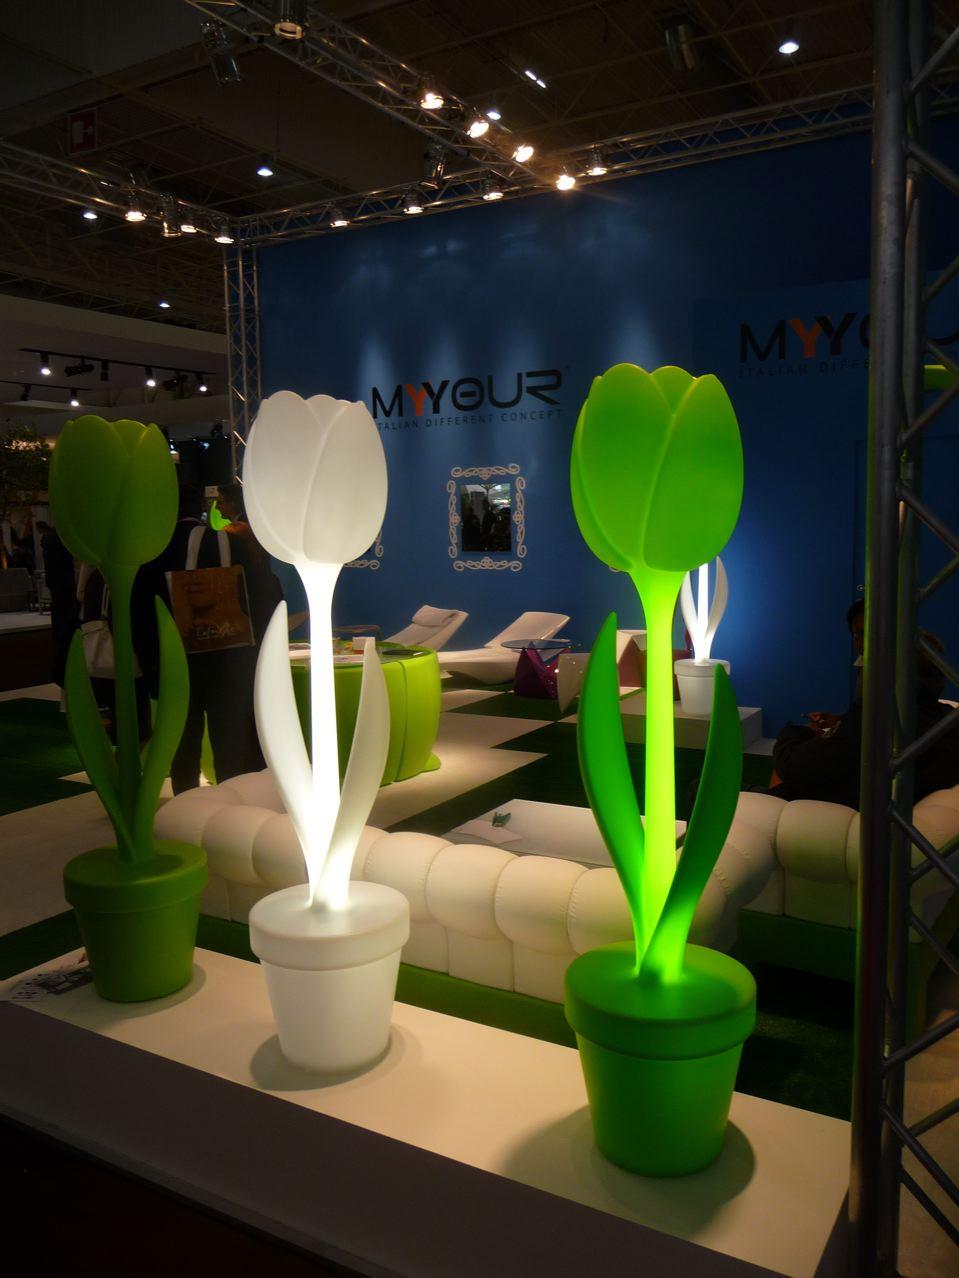 Tulip, lampadaire du designer Moredesign, marque MyYour, Salon Maison & Objet 2009, photo Alain Delavie